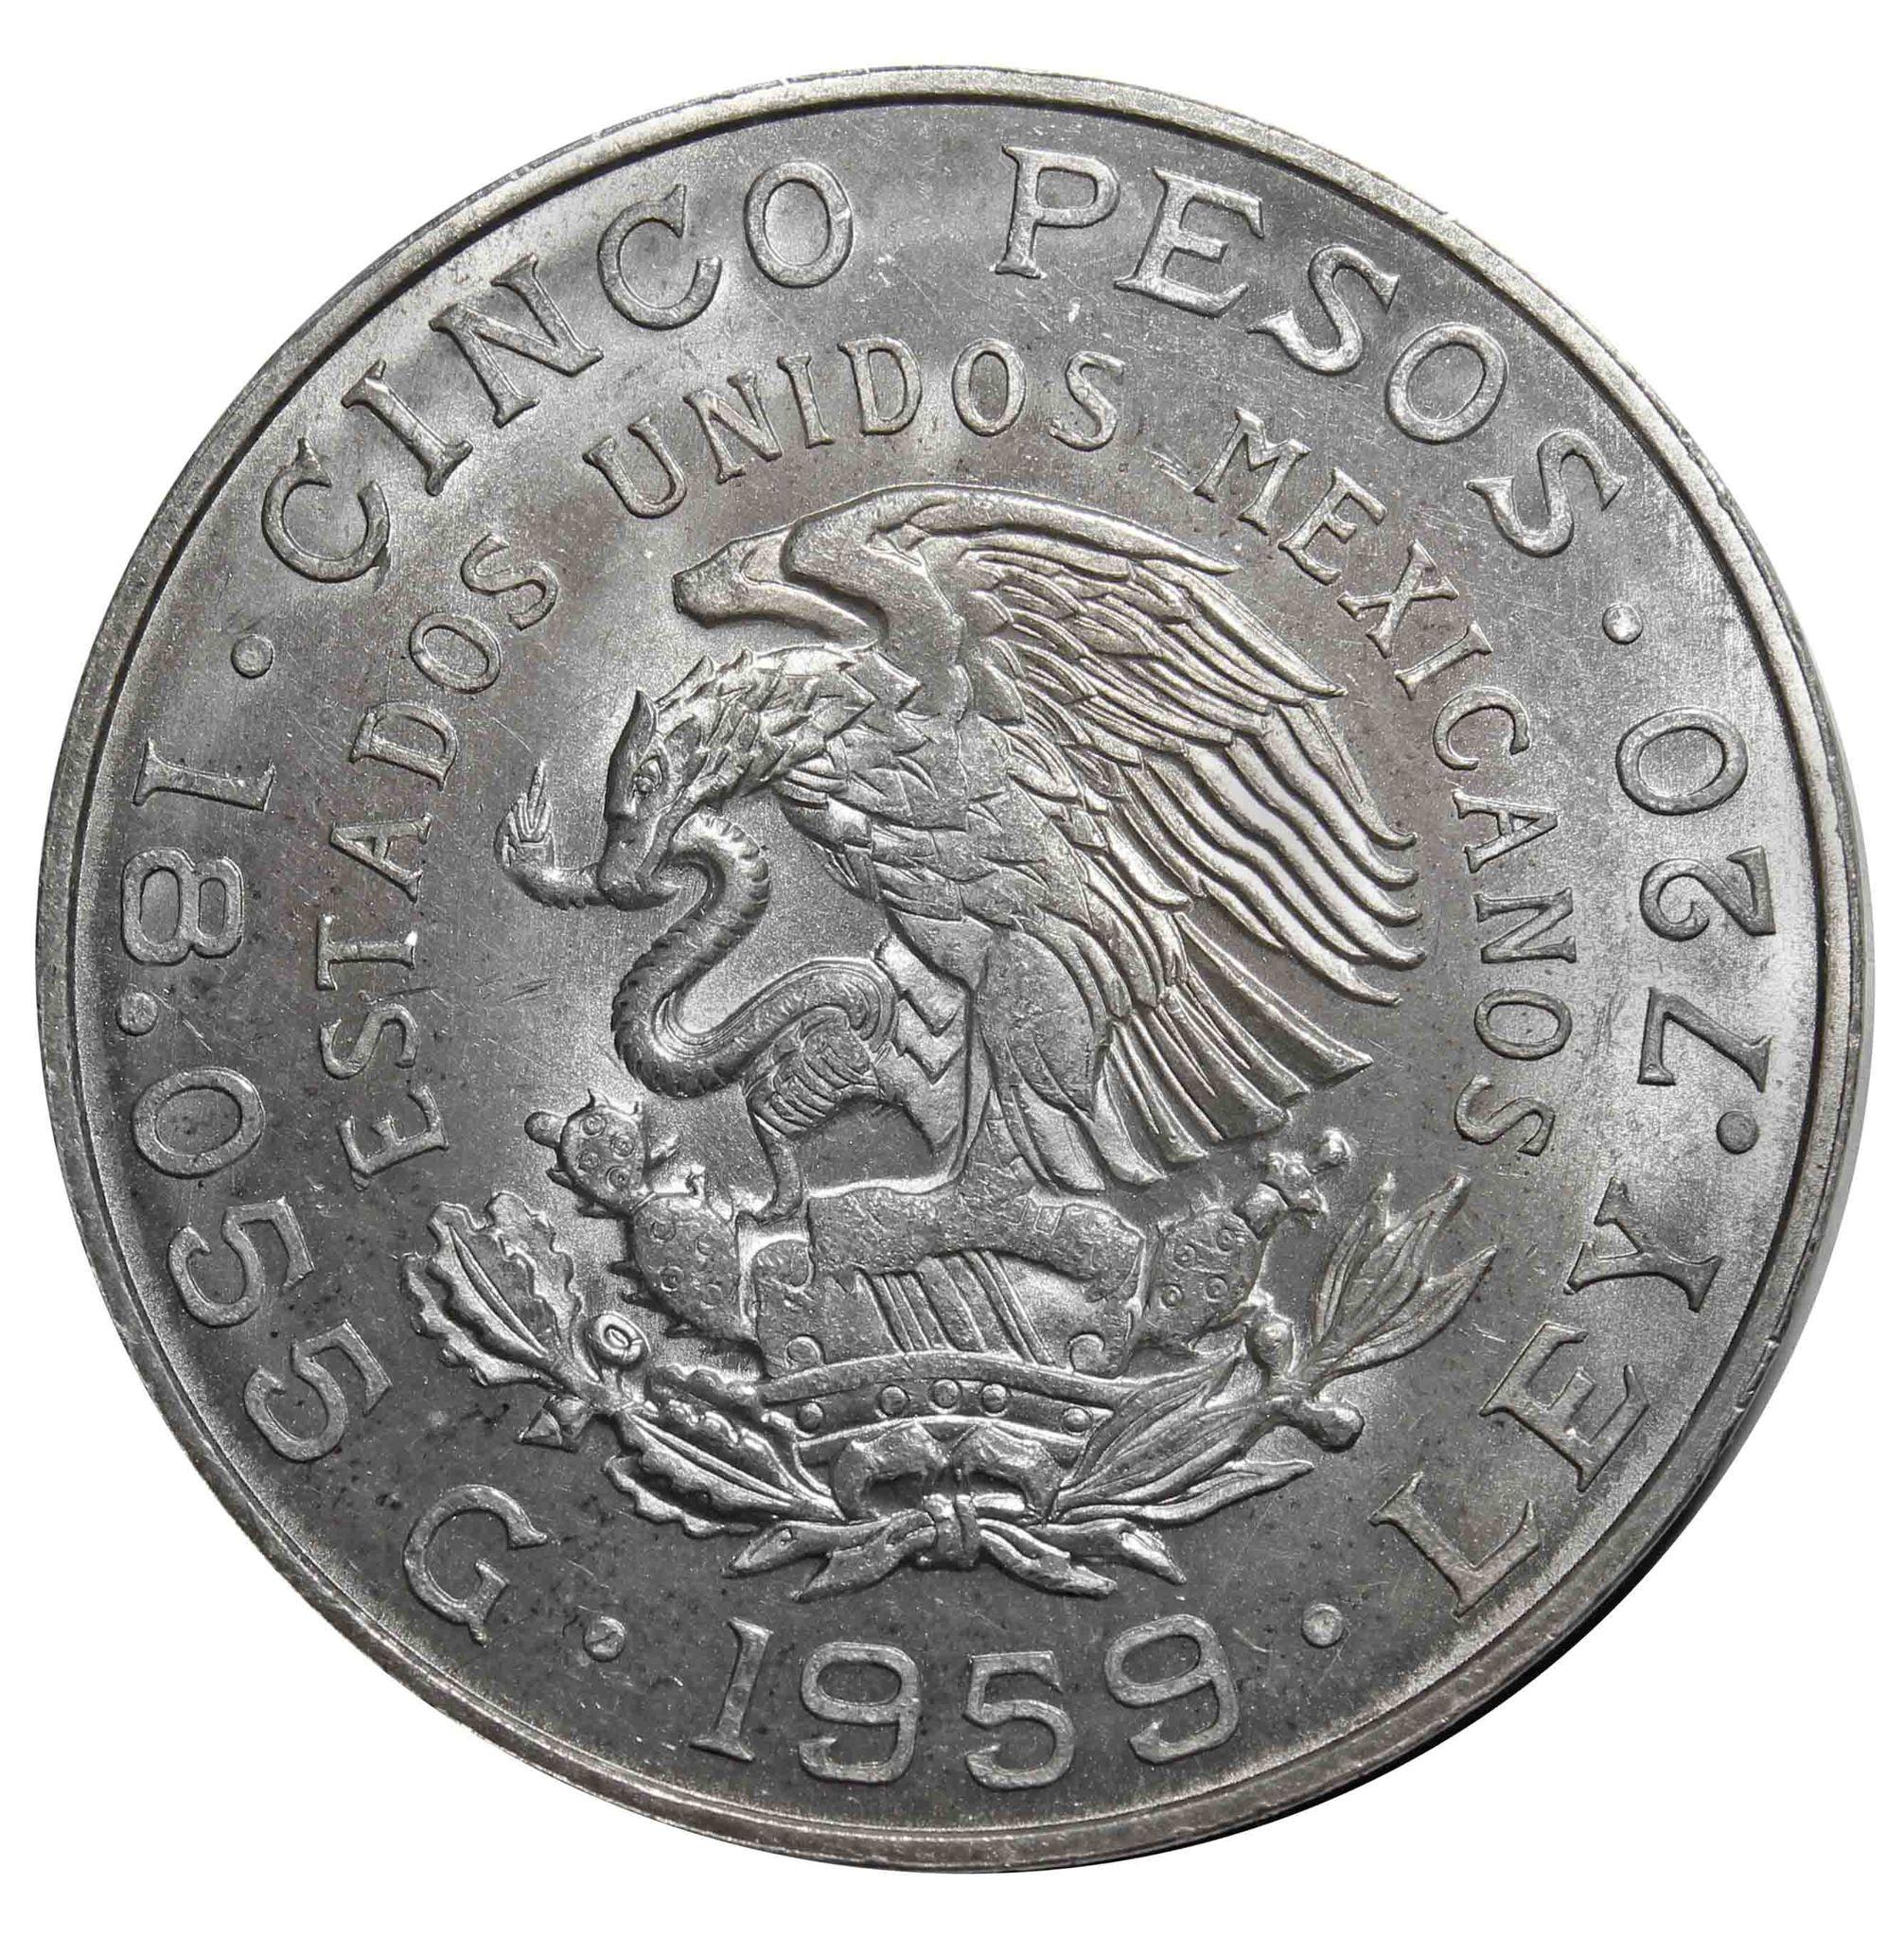 5 песо. 100 лет со дня рождения Венустиано Карранса. 1959 год. Серебро. AU